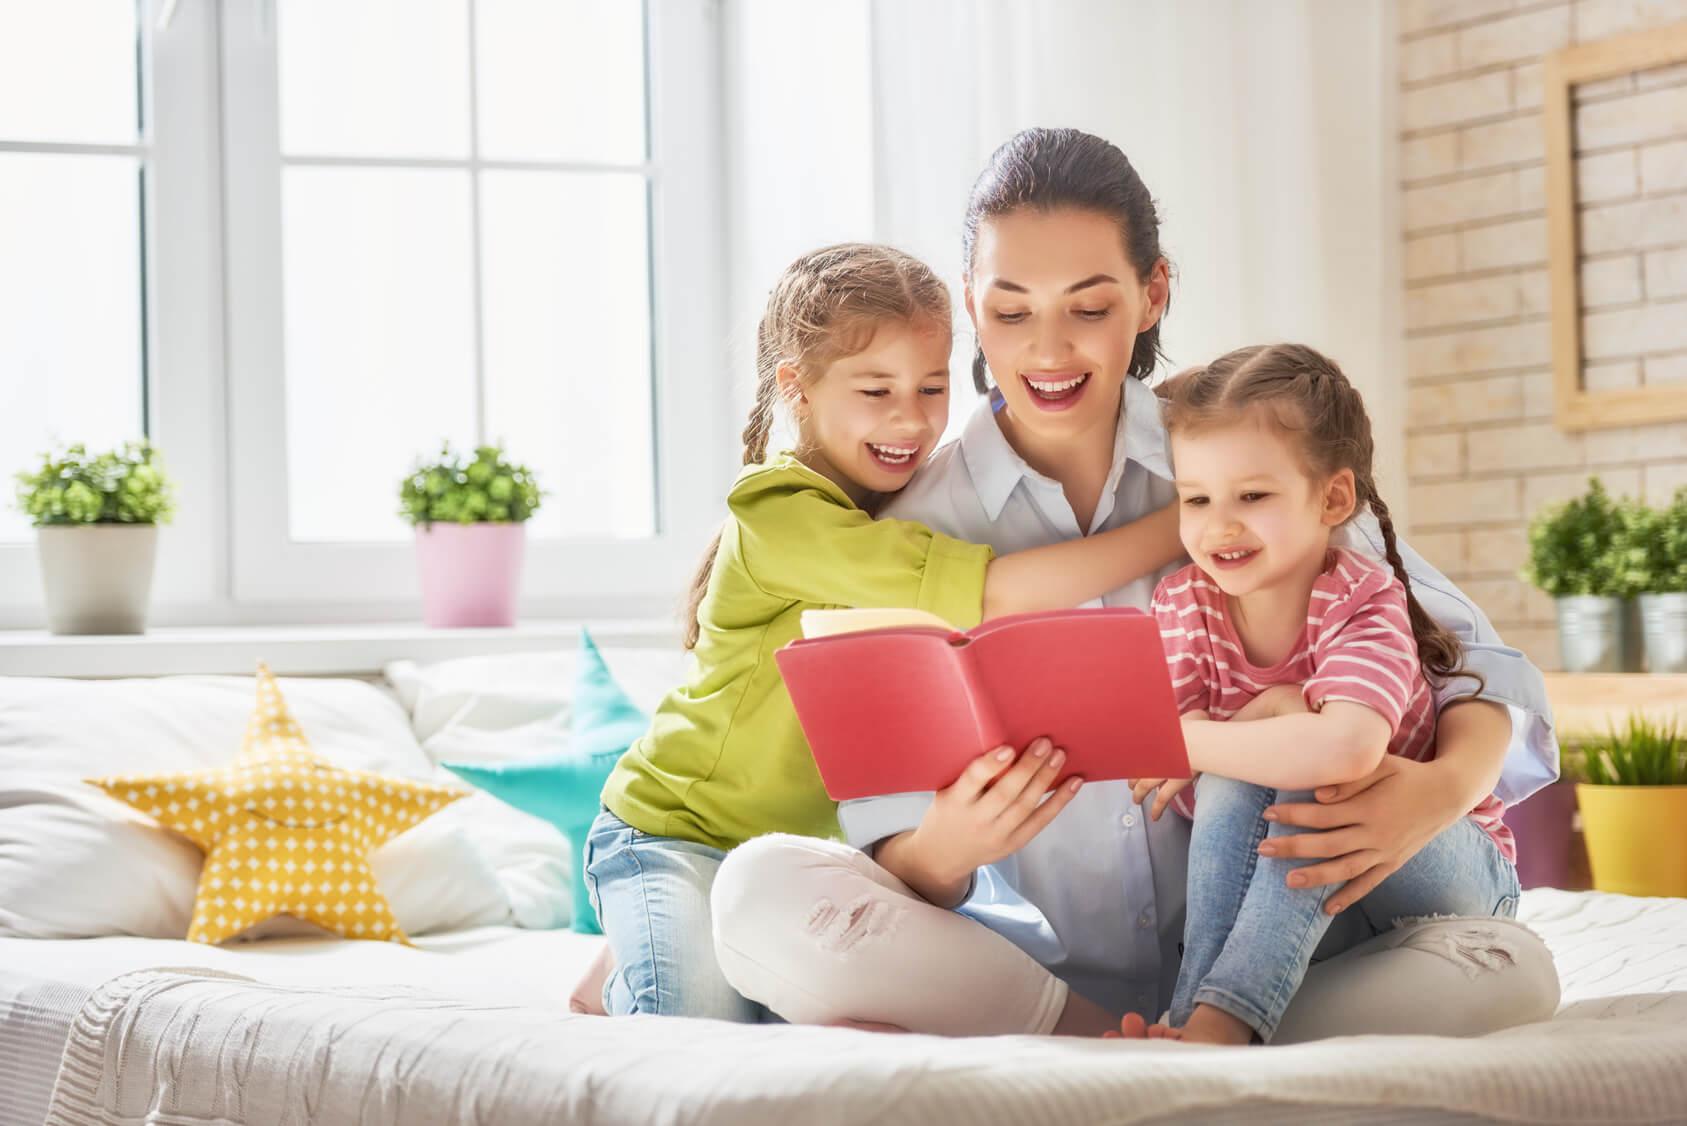 autyzm u dziecka terapia